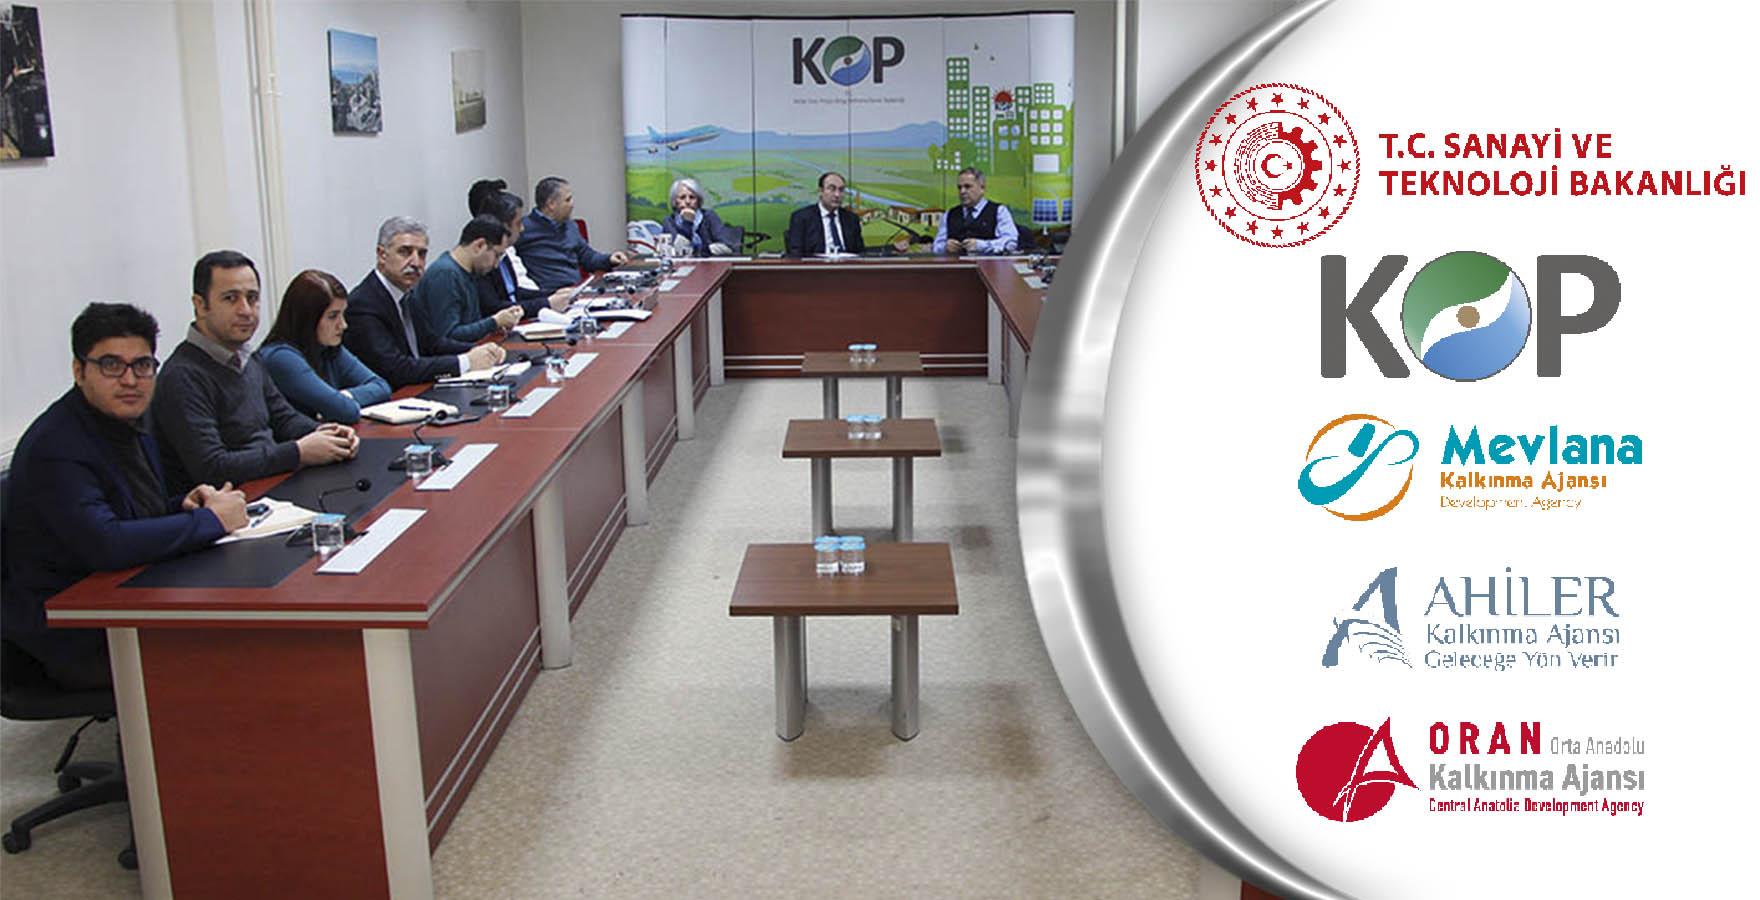 KOP İdaresi ve Bölge Kalkınma Ajansları İş birliği için toplandı